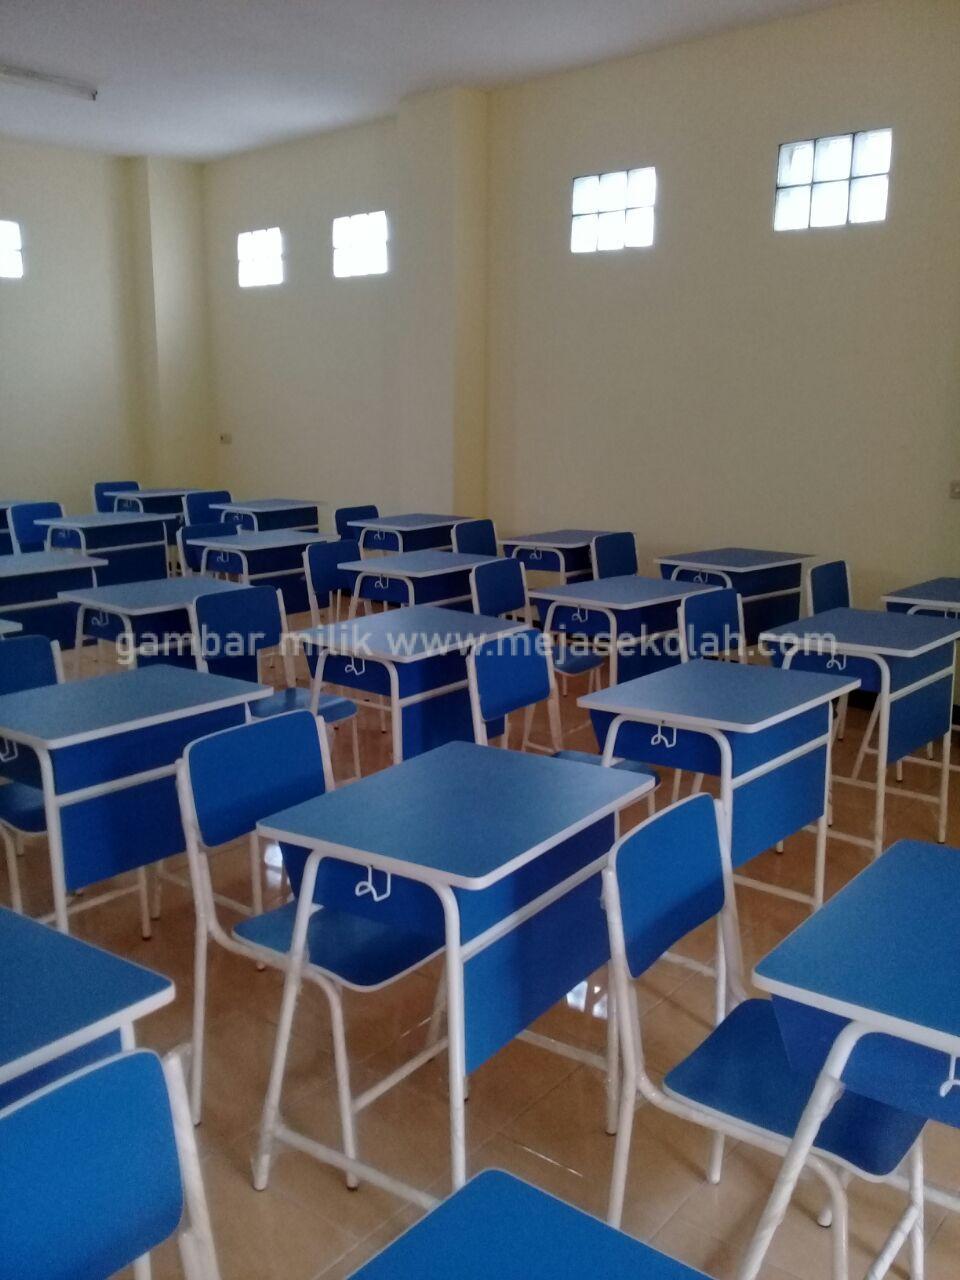 e katalog lkpp furniture meja kursi sekolah